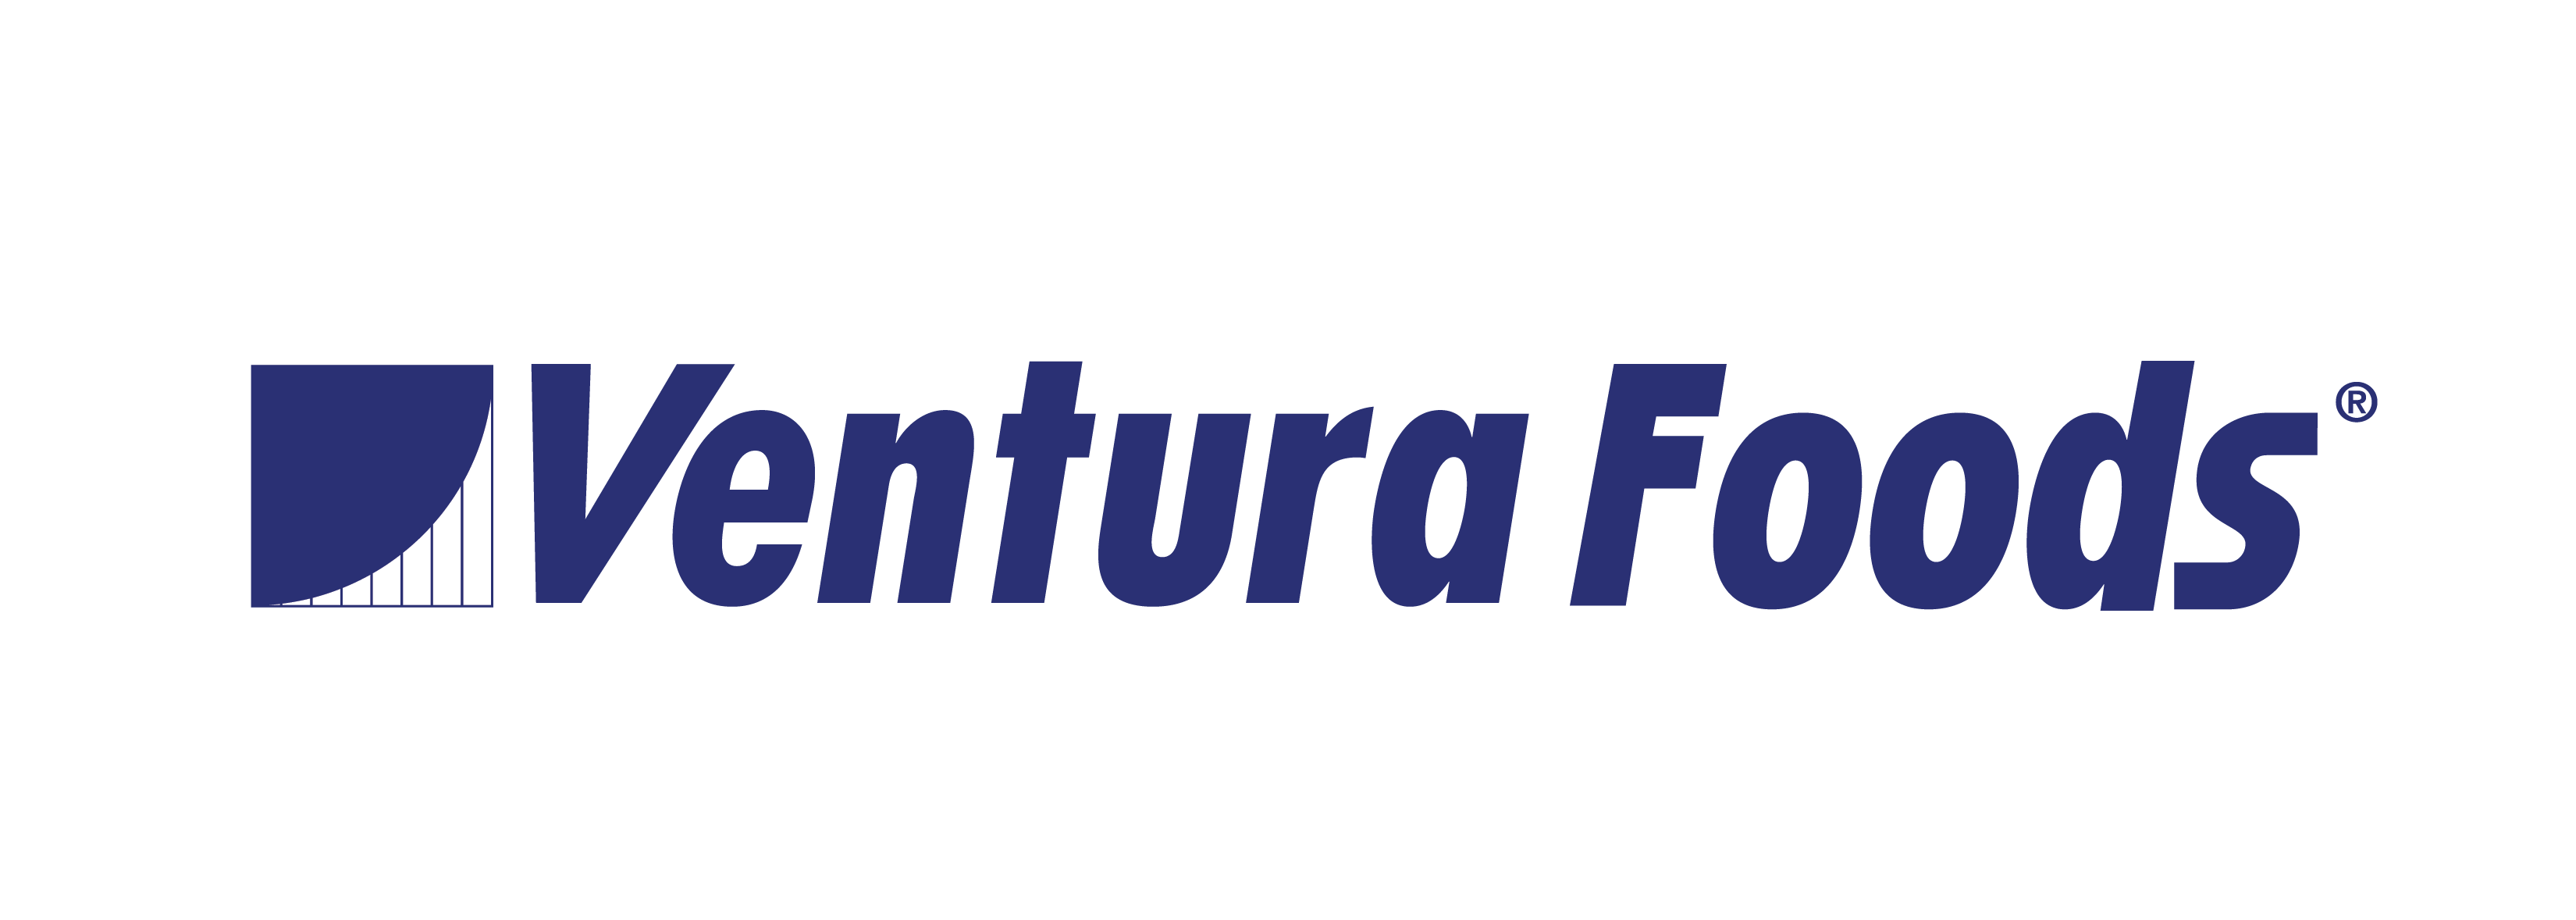 Ventura Foods®